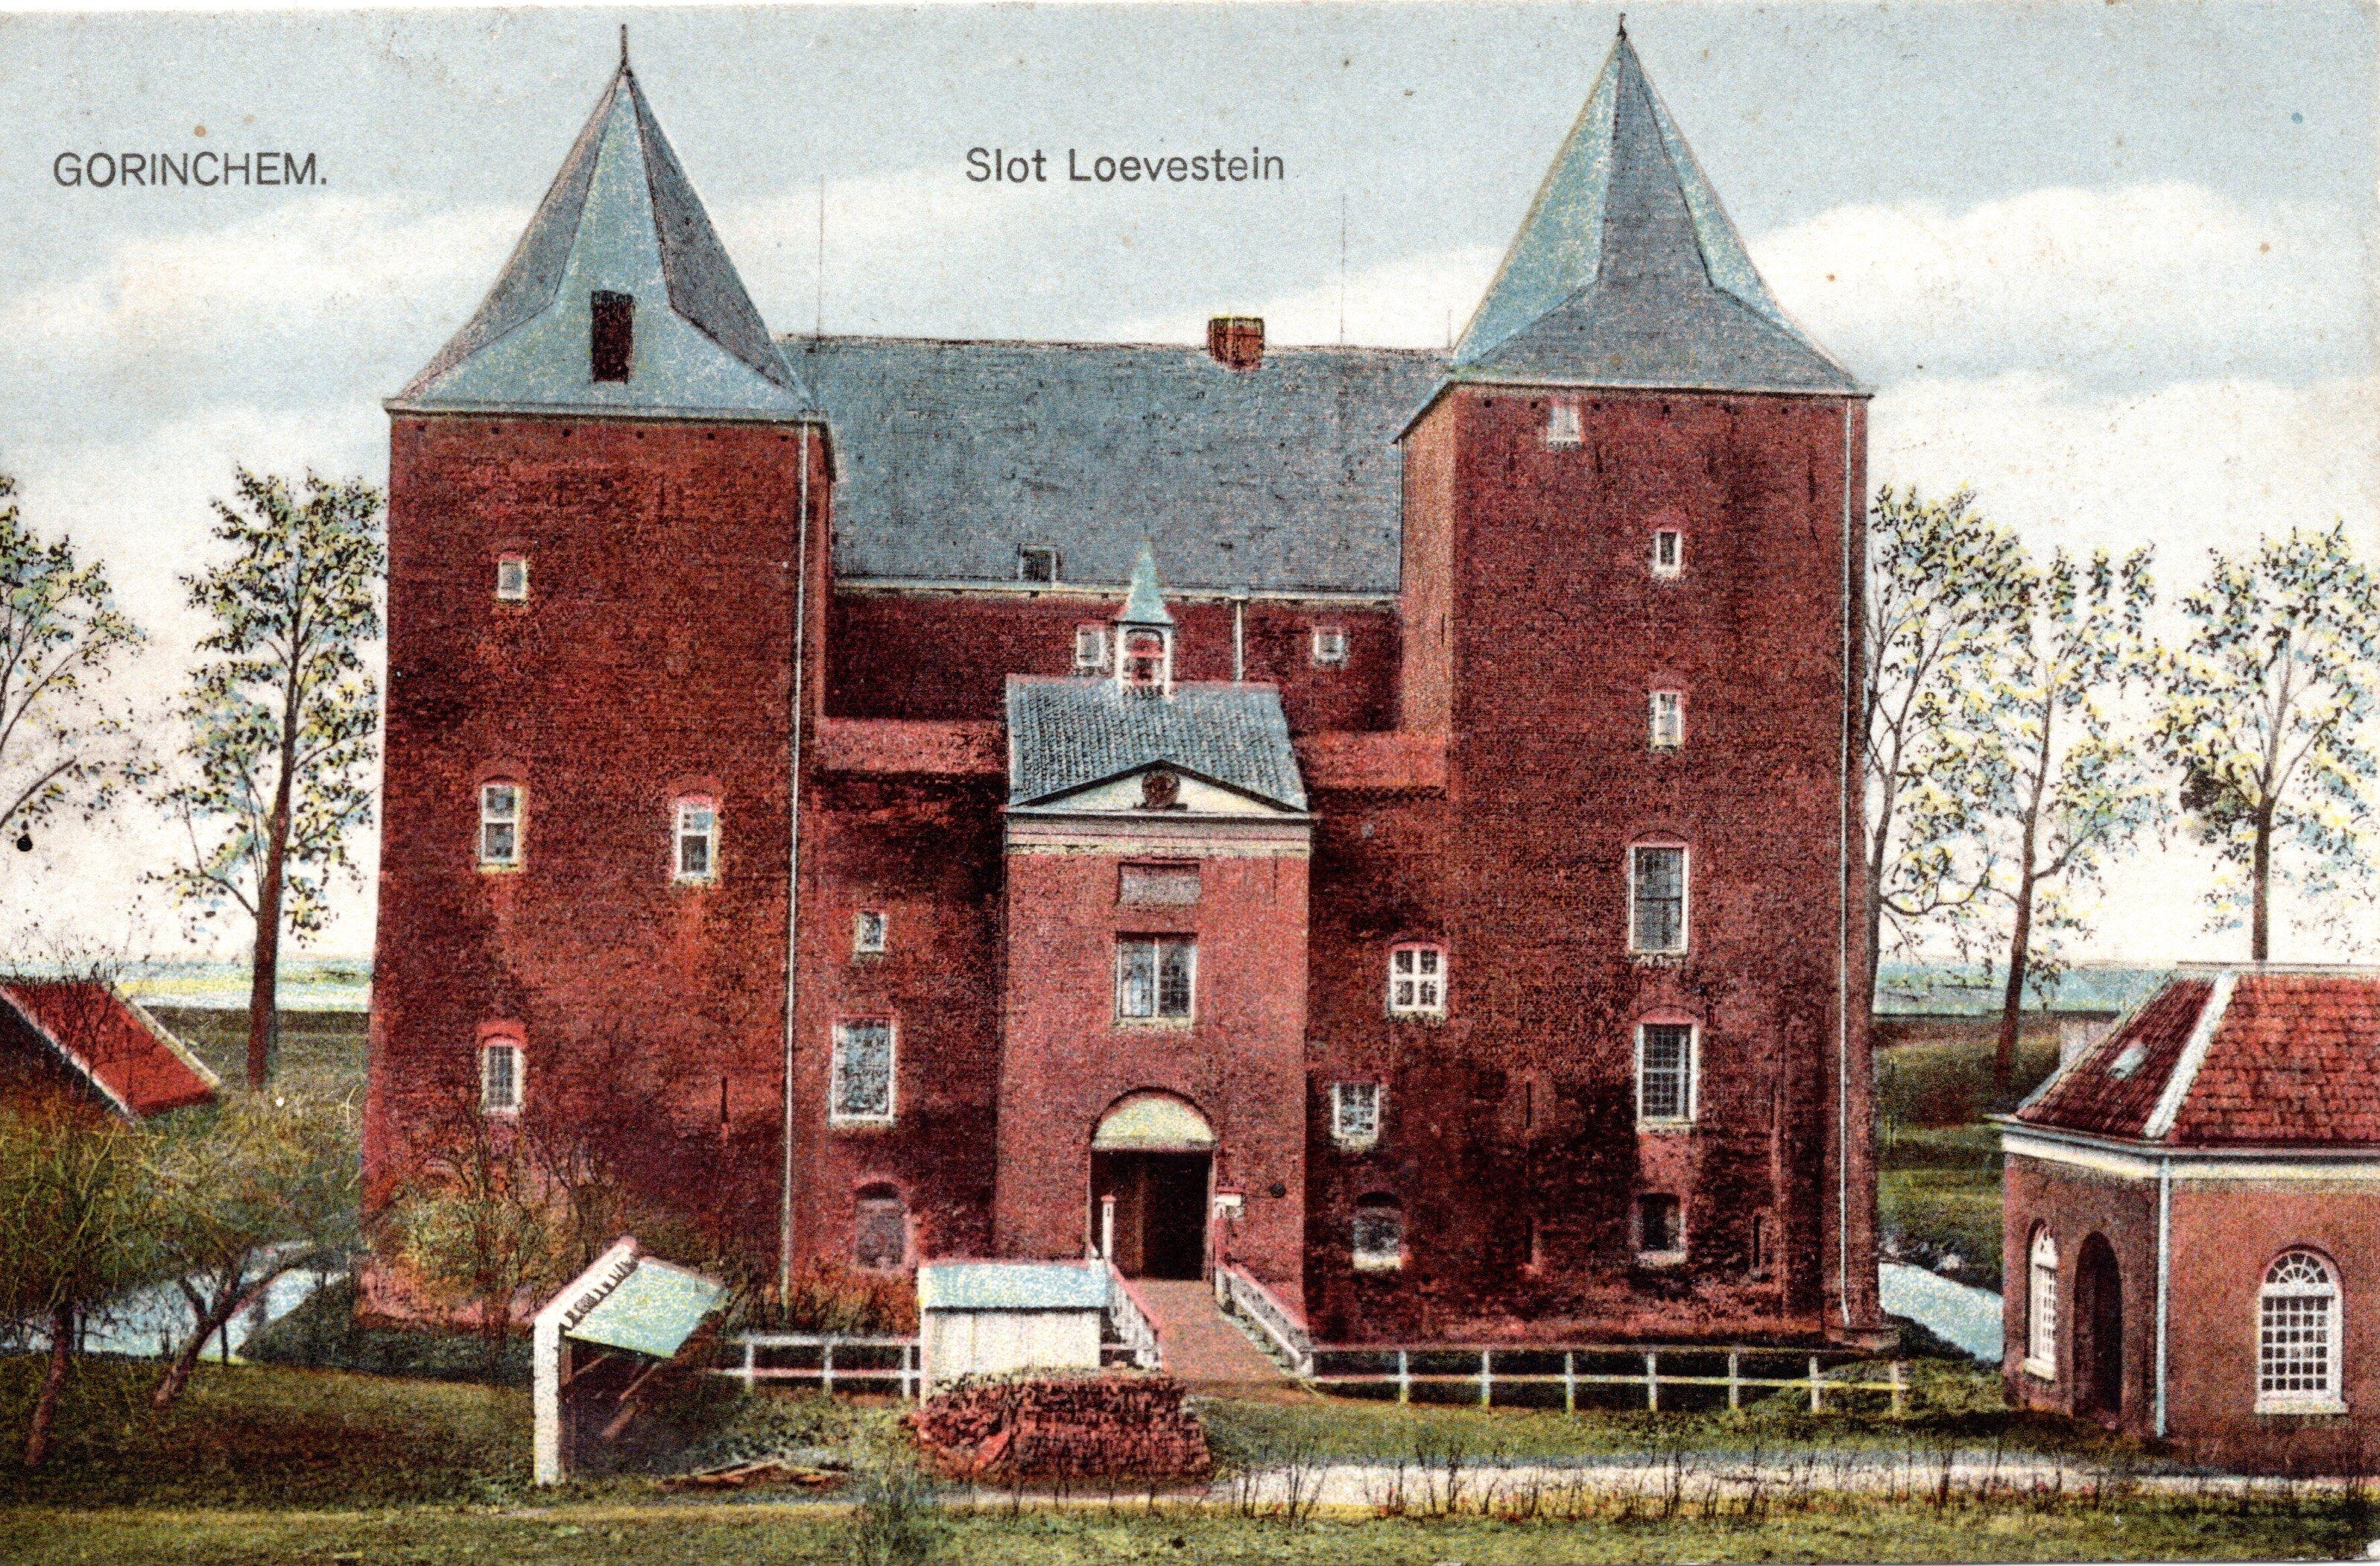 B21-Gorinchem-Slot-Loevestein-1933